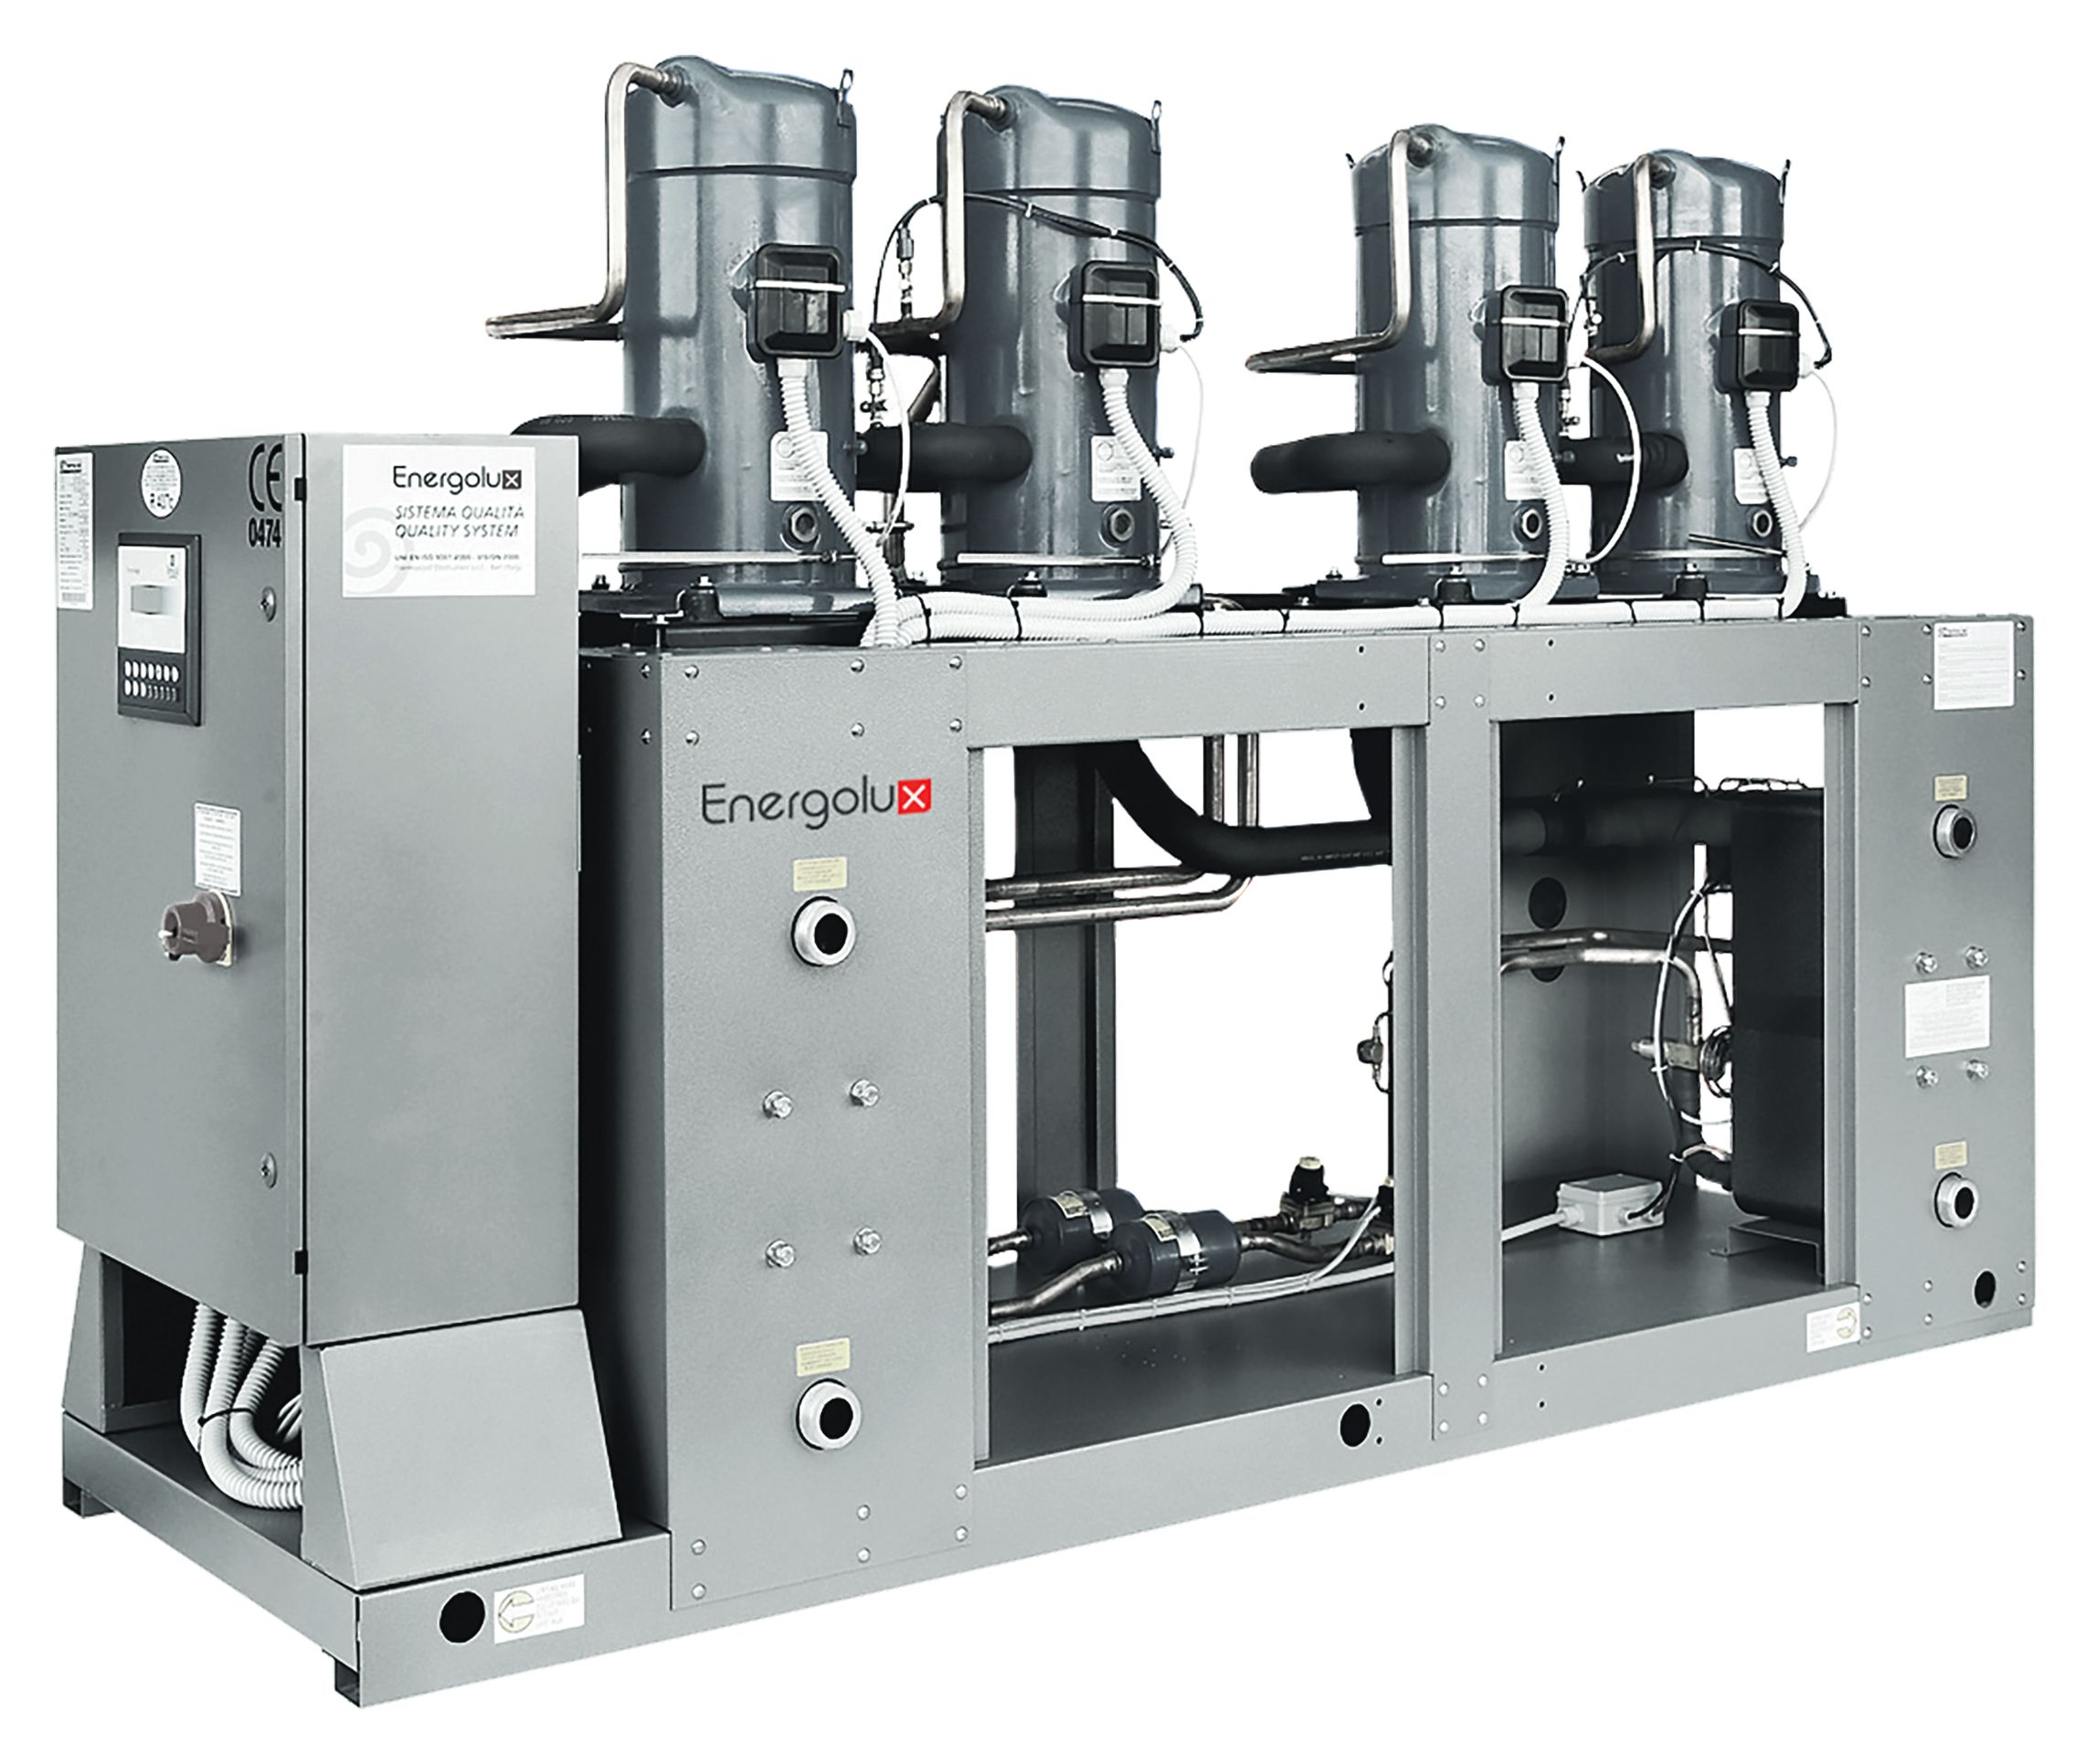 Energolux SCLW-T 170 Z